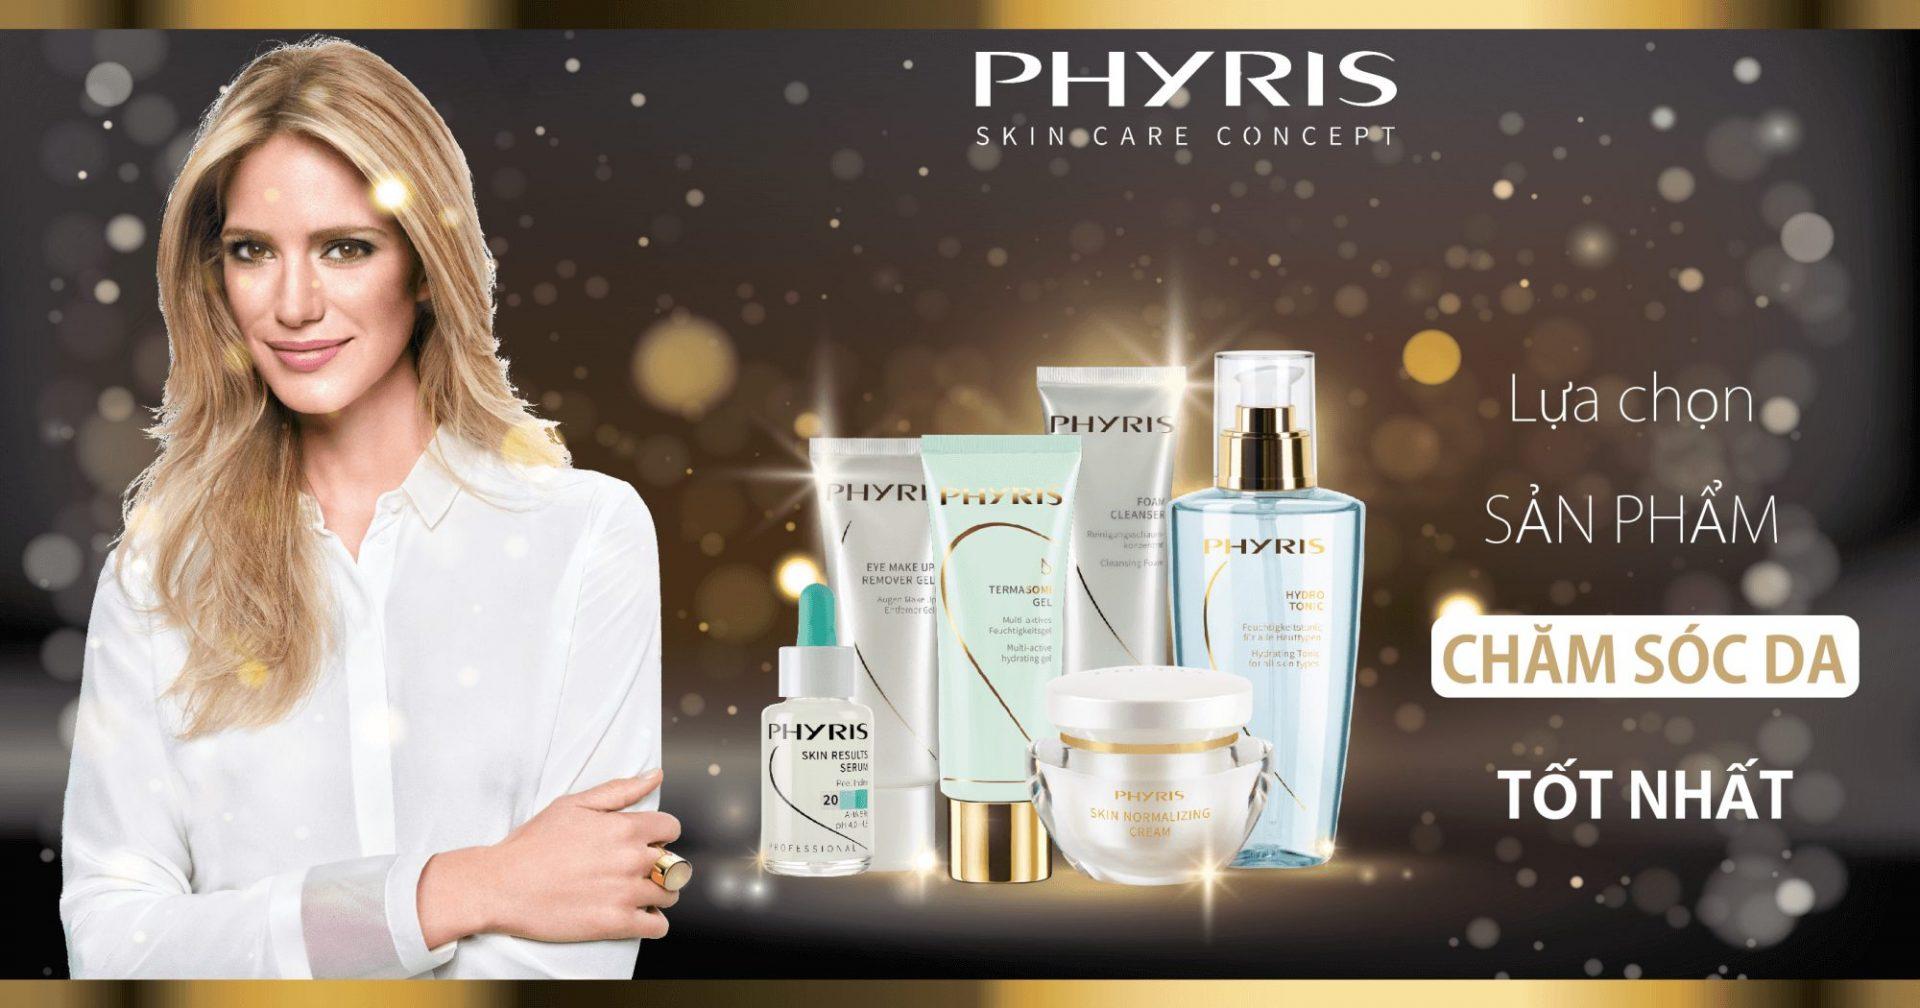 PHYRIS - Sản phẩm chăm sóc da tốt nhất thuộc hàng top.